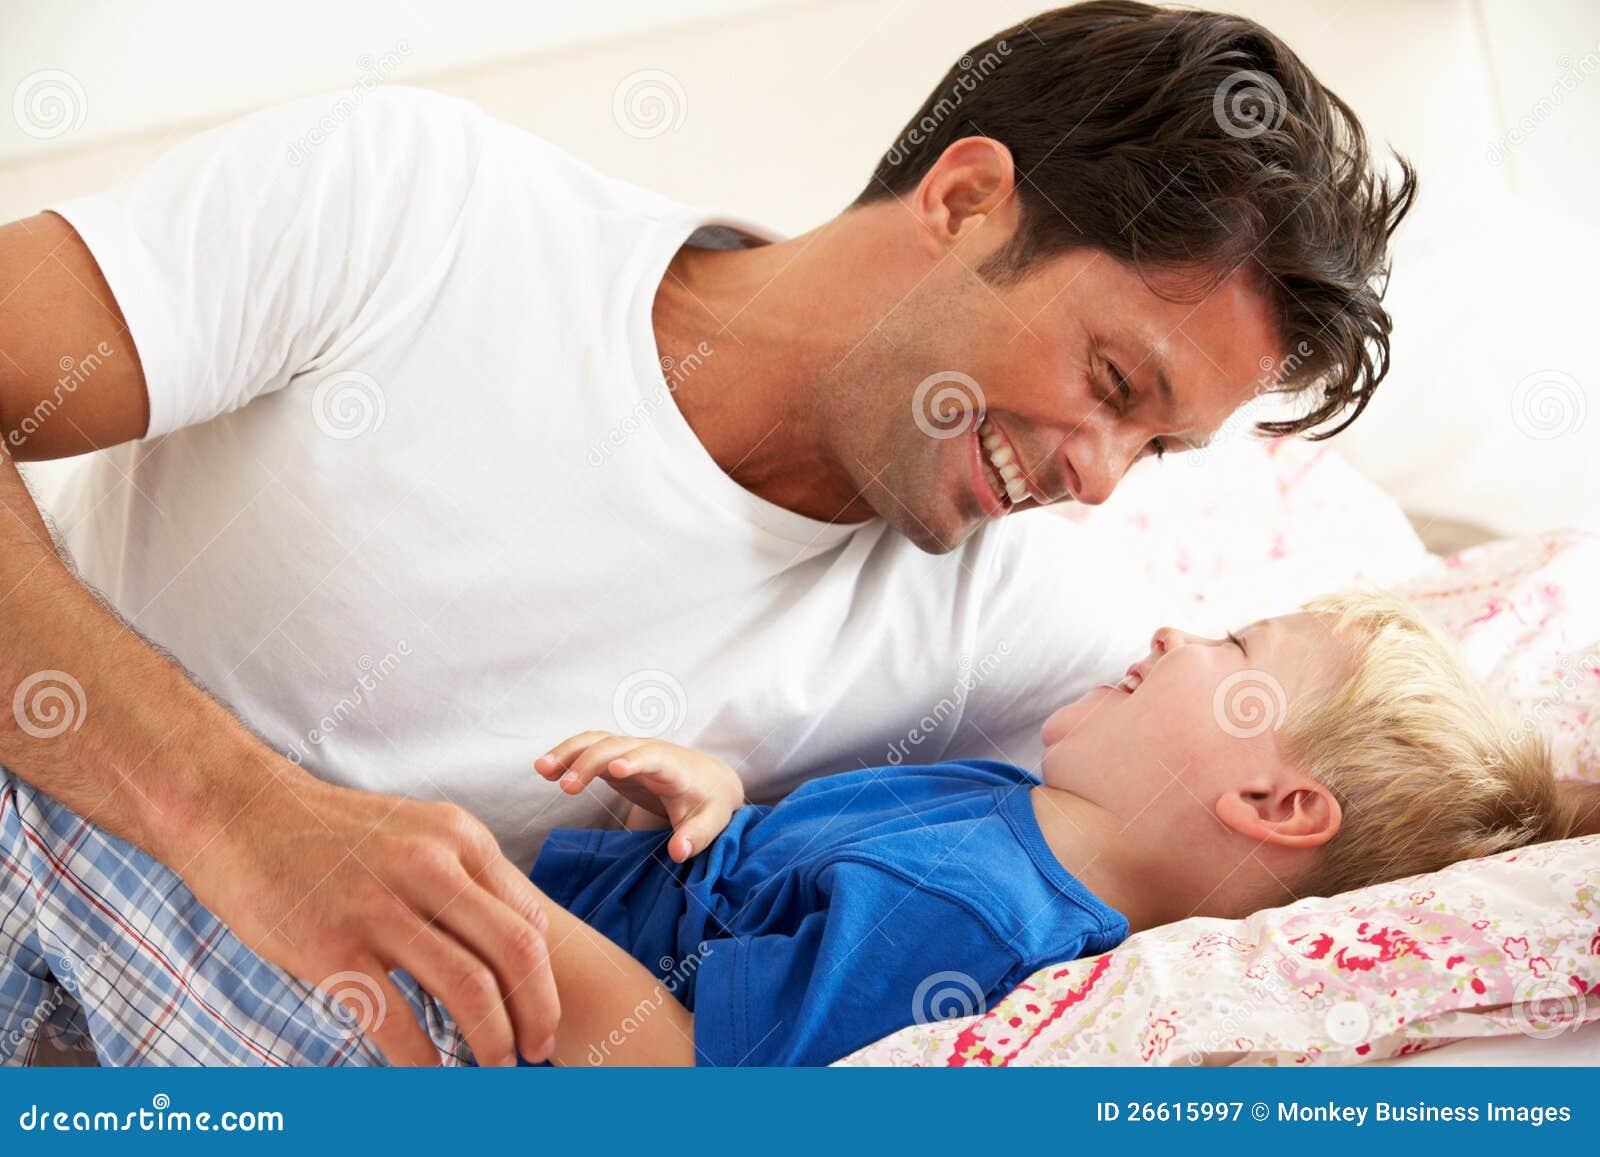 Секс с папулей фото, Фотографии Русский инцест - отец и дочь 5 альбомов 36 фотография